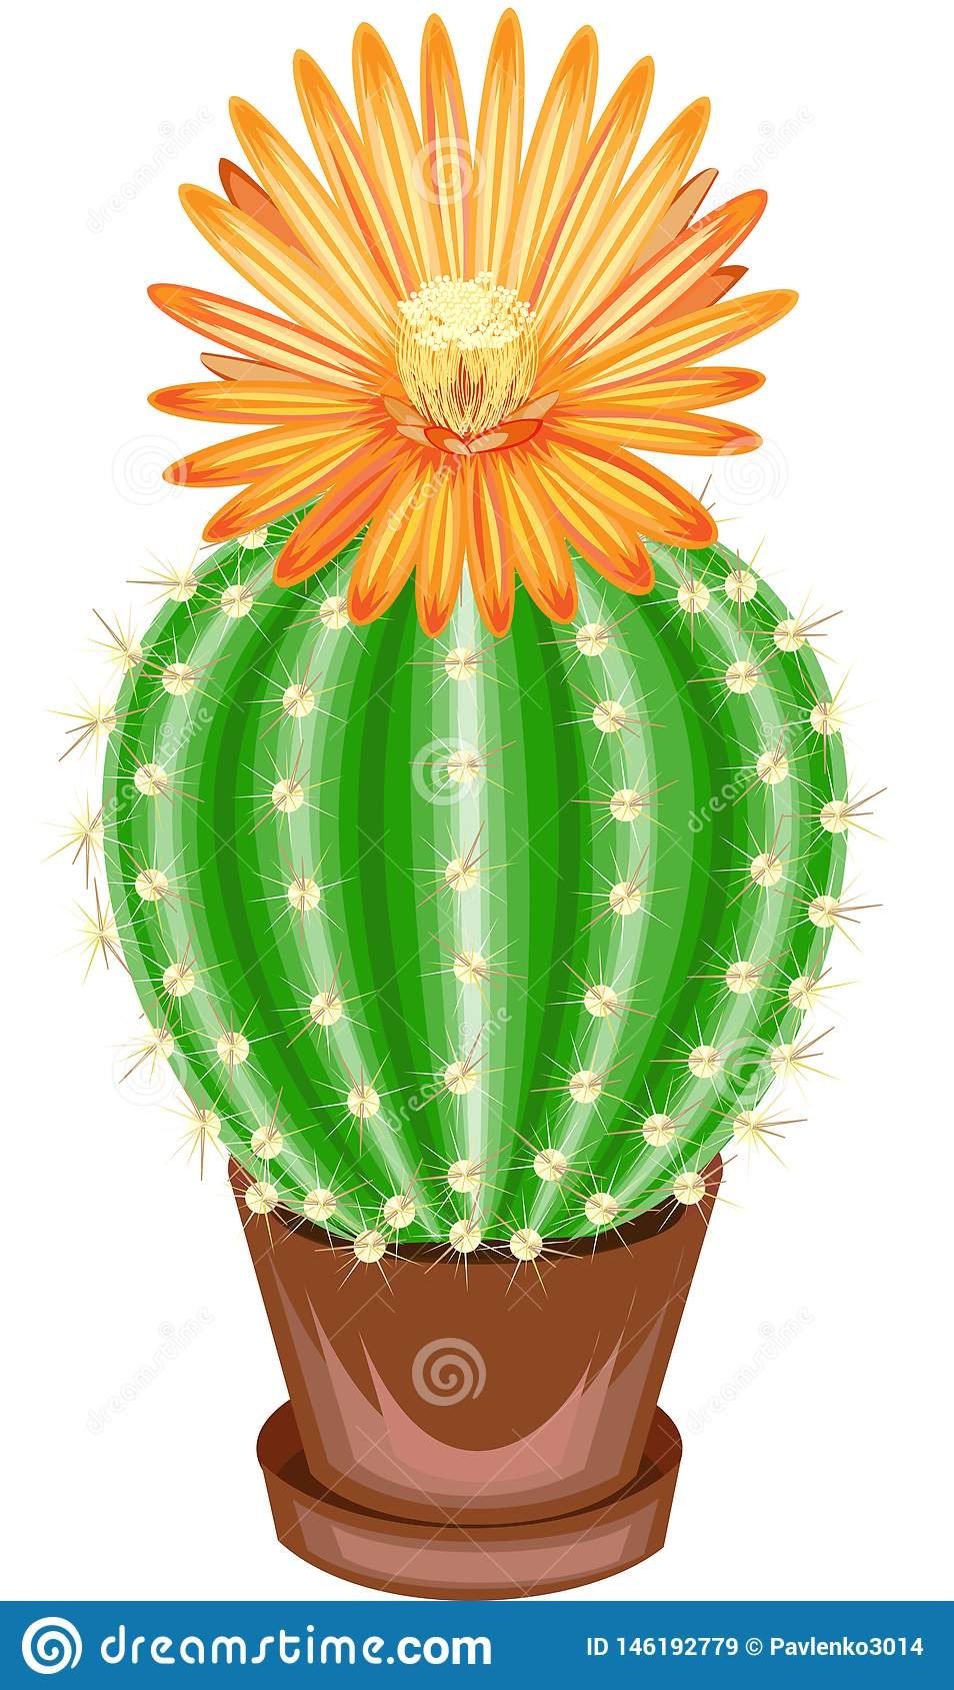 Koloru obrazek puszkuj?cy ro?lina garnek Zielony kaktus jest ba?czasty z tubercles zakrywaj?cymi z kr?gos?upami Mammillaria, hymn